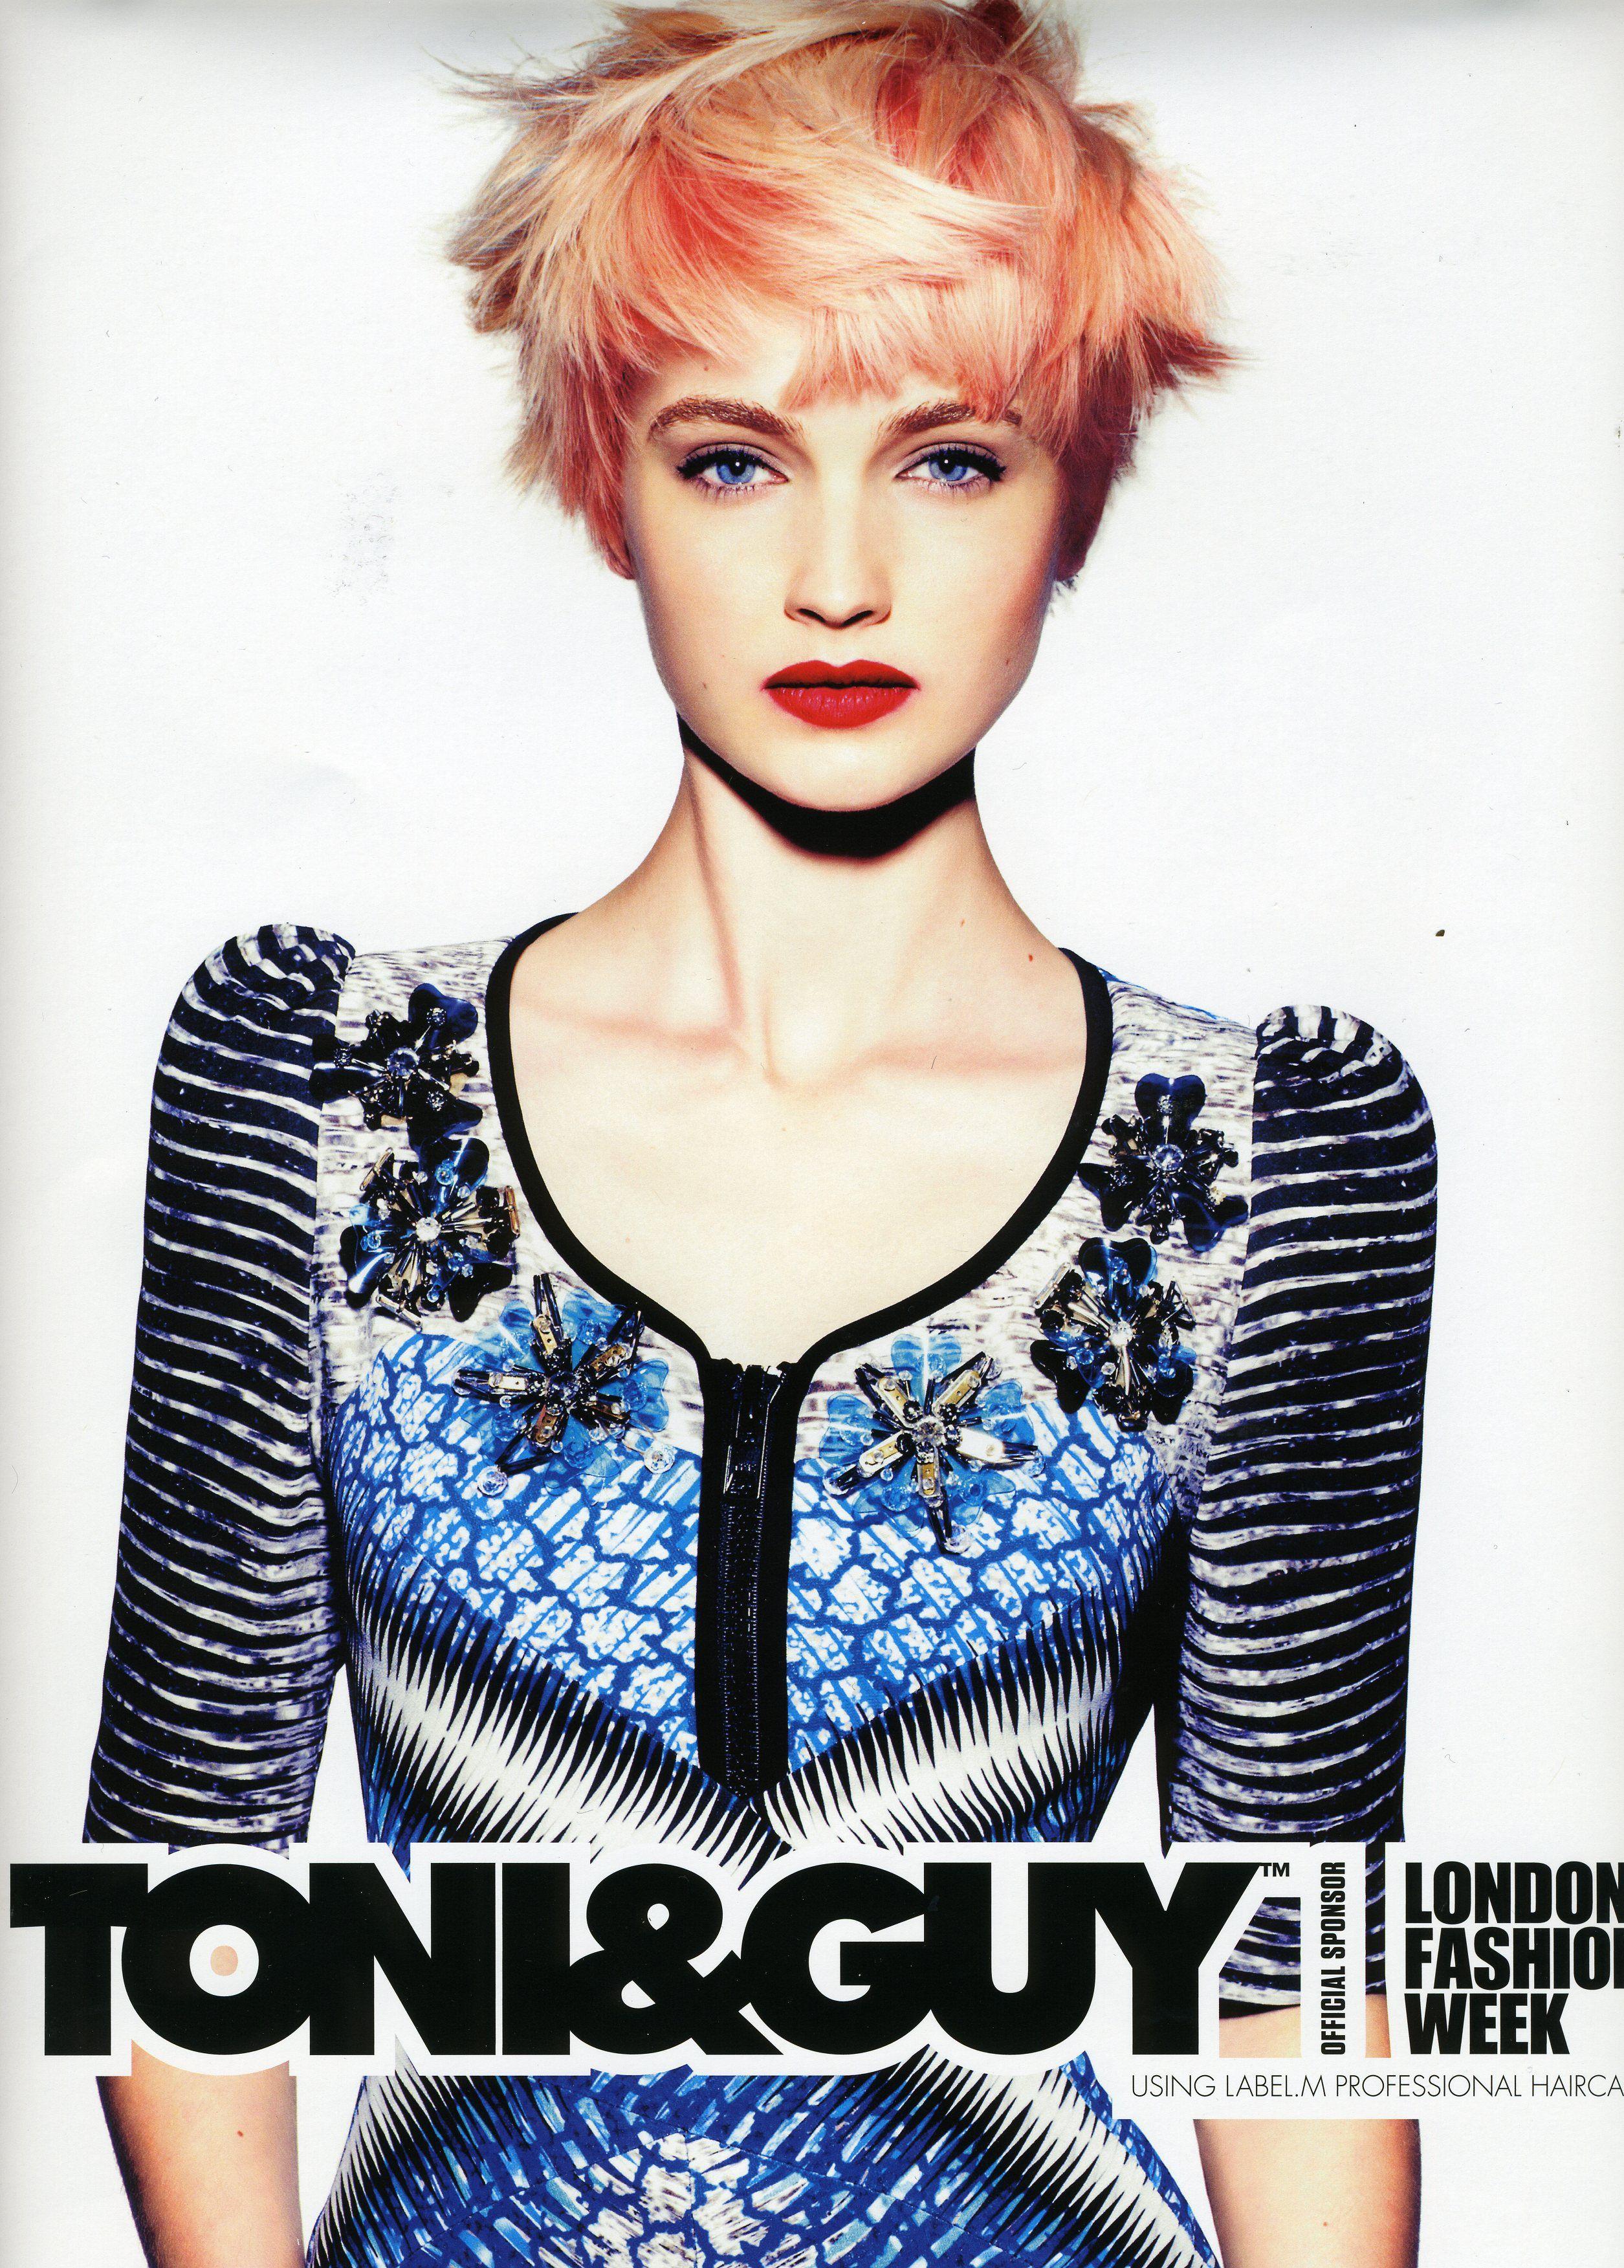 Abby Clee for Toni & Guy  #lfw #londonfashionweek #toni&guy #hair #hairinspiration #pinkhairdontcare #fashion #model #nevsmodels